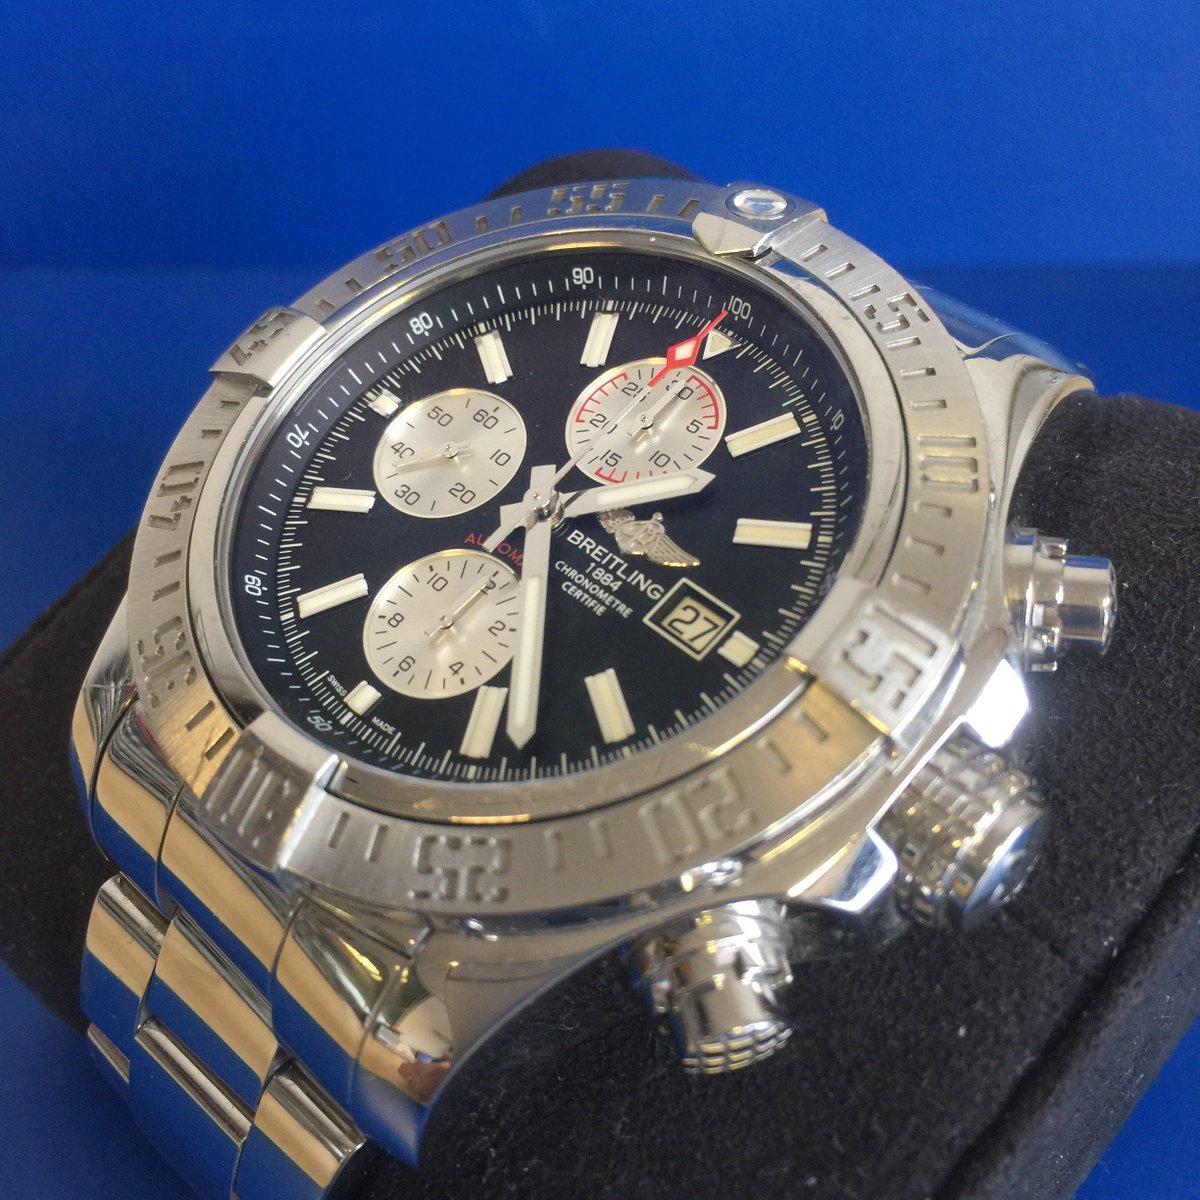 Auction 11th June Gentleman's Breitling Super Avenger II chronograph Steel case, 48mm dia, Jan-2017 #breitling #chronograph #luxurywatch #breitlingavenger #watchcollecting #wristwatch #watchgeek #watchlover #watchcollector #watchenthusiast #auction #watchauction #Ossettpic.twitter.com/sQUGSJxHVC